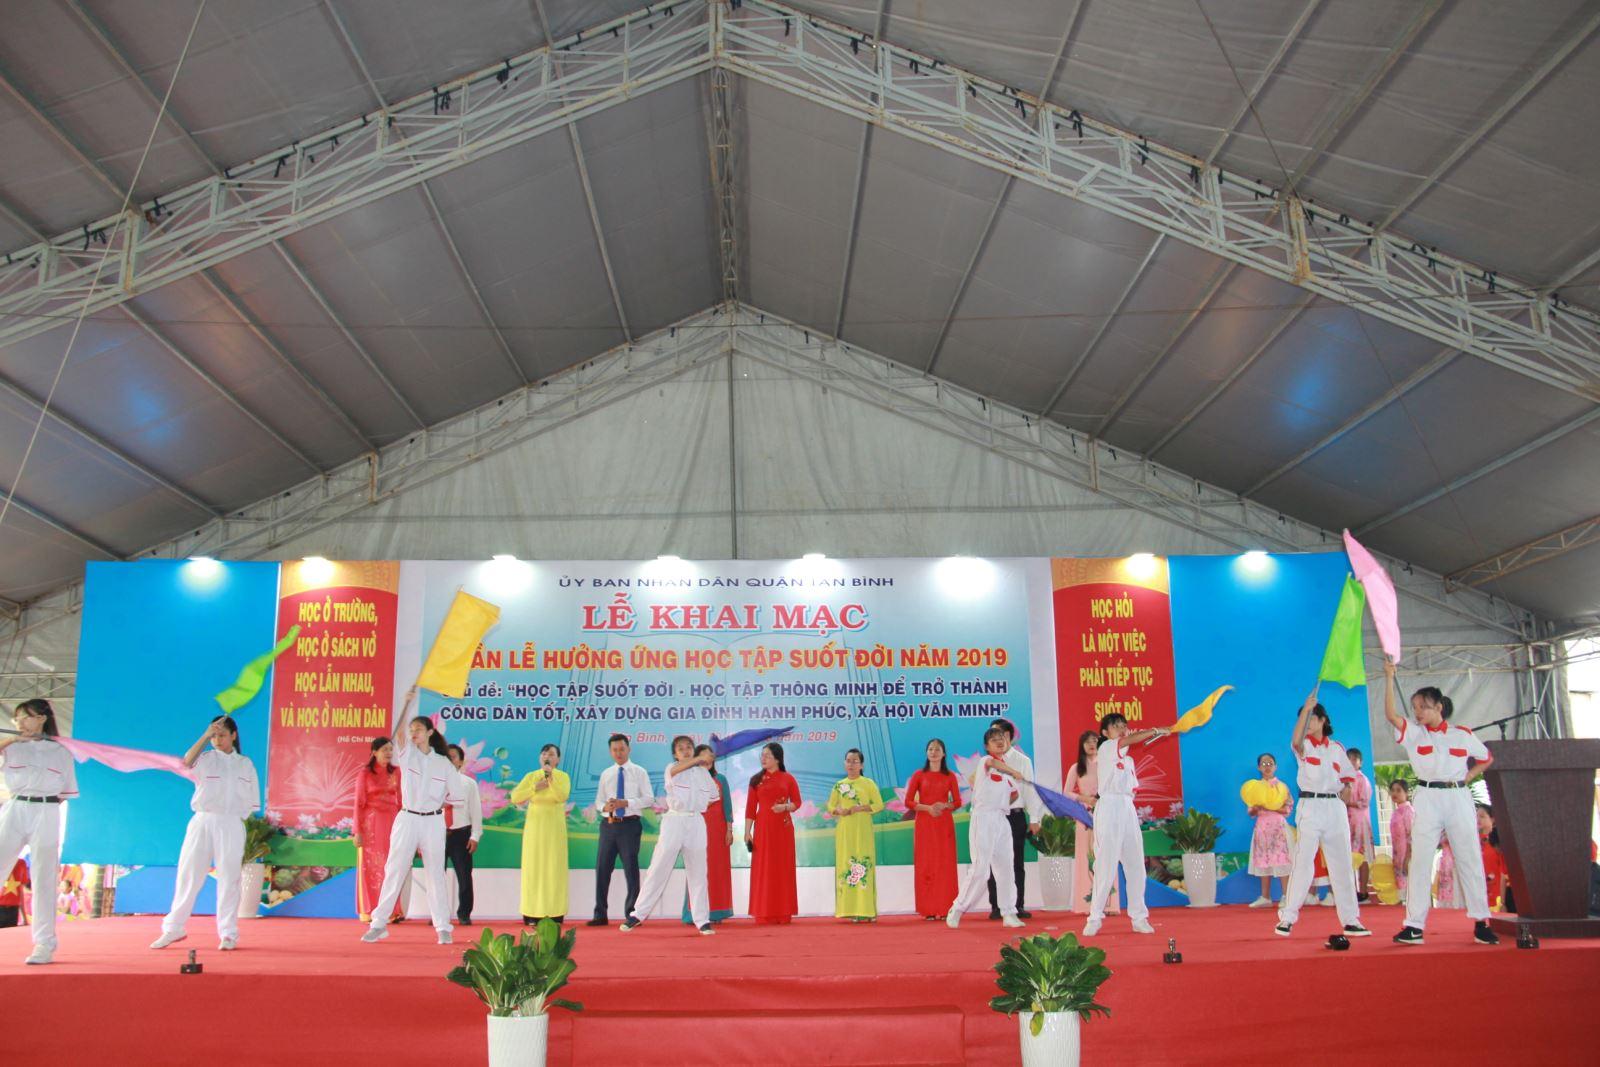 Quận Tân Bình: Tổ chức Lễ khai mạc ``Tuần lễ hưởng ứng học tập suốt đời năm 2019``